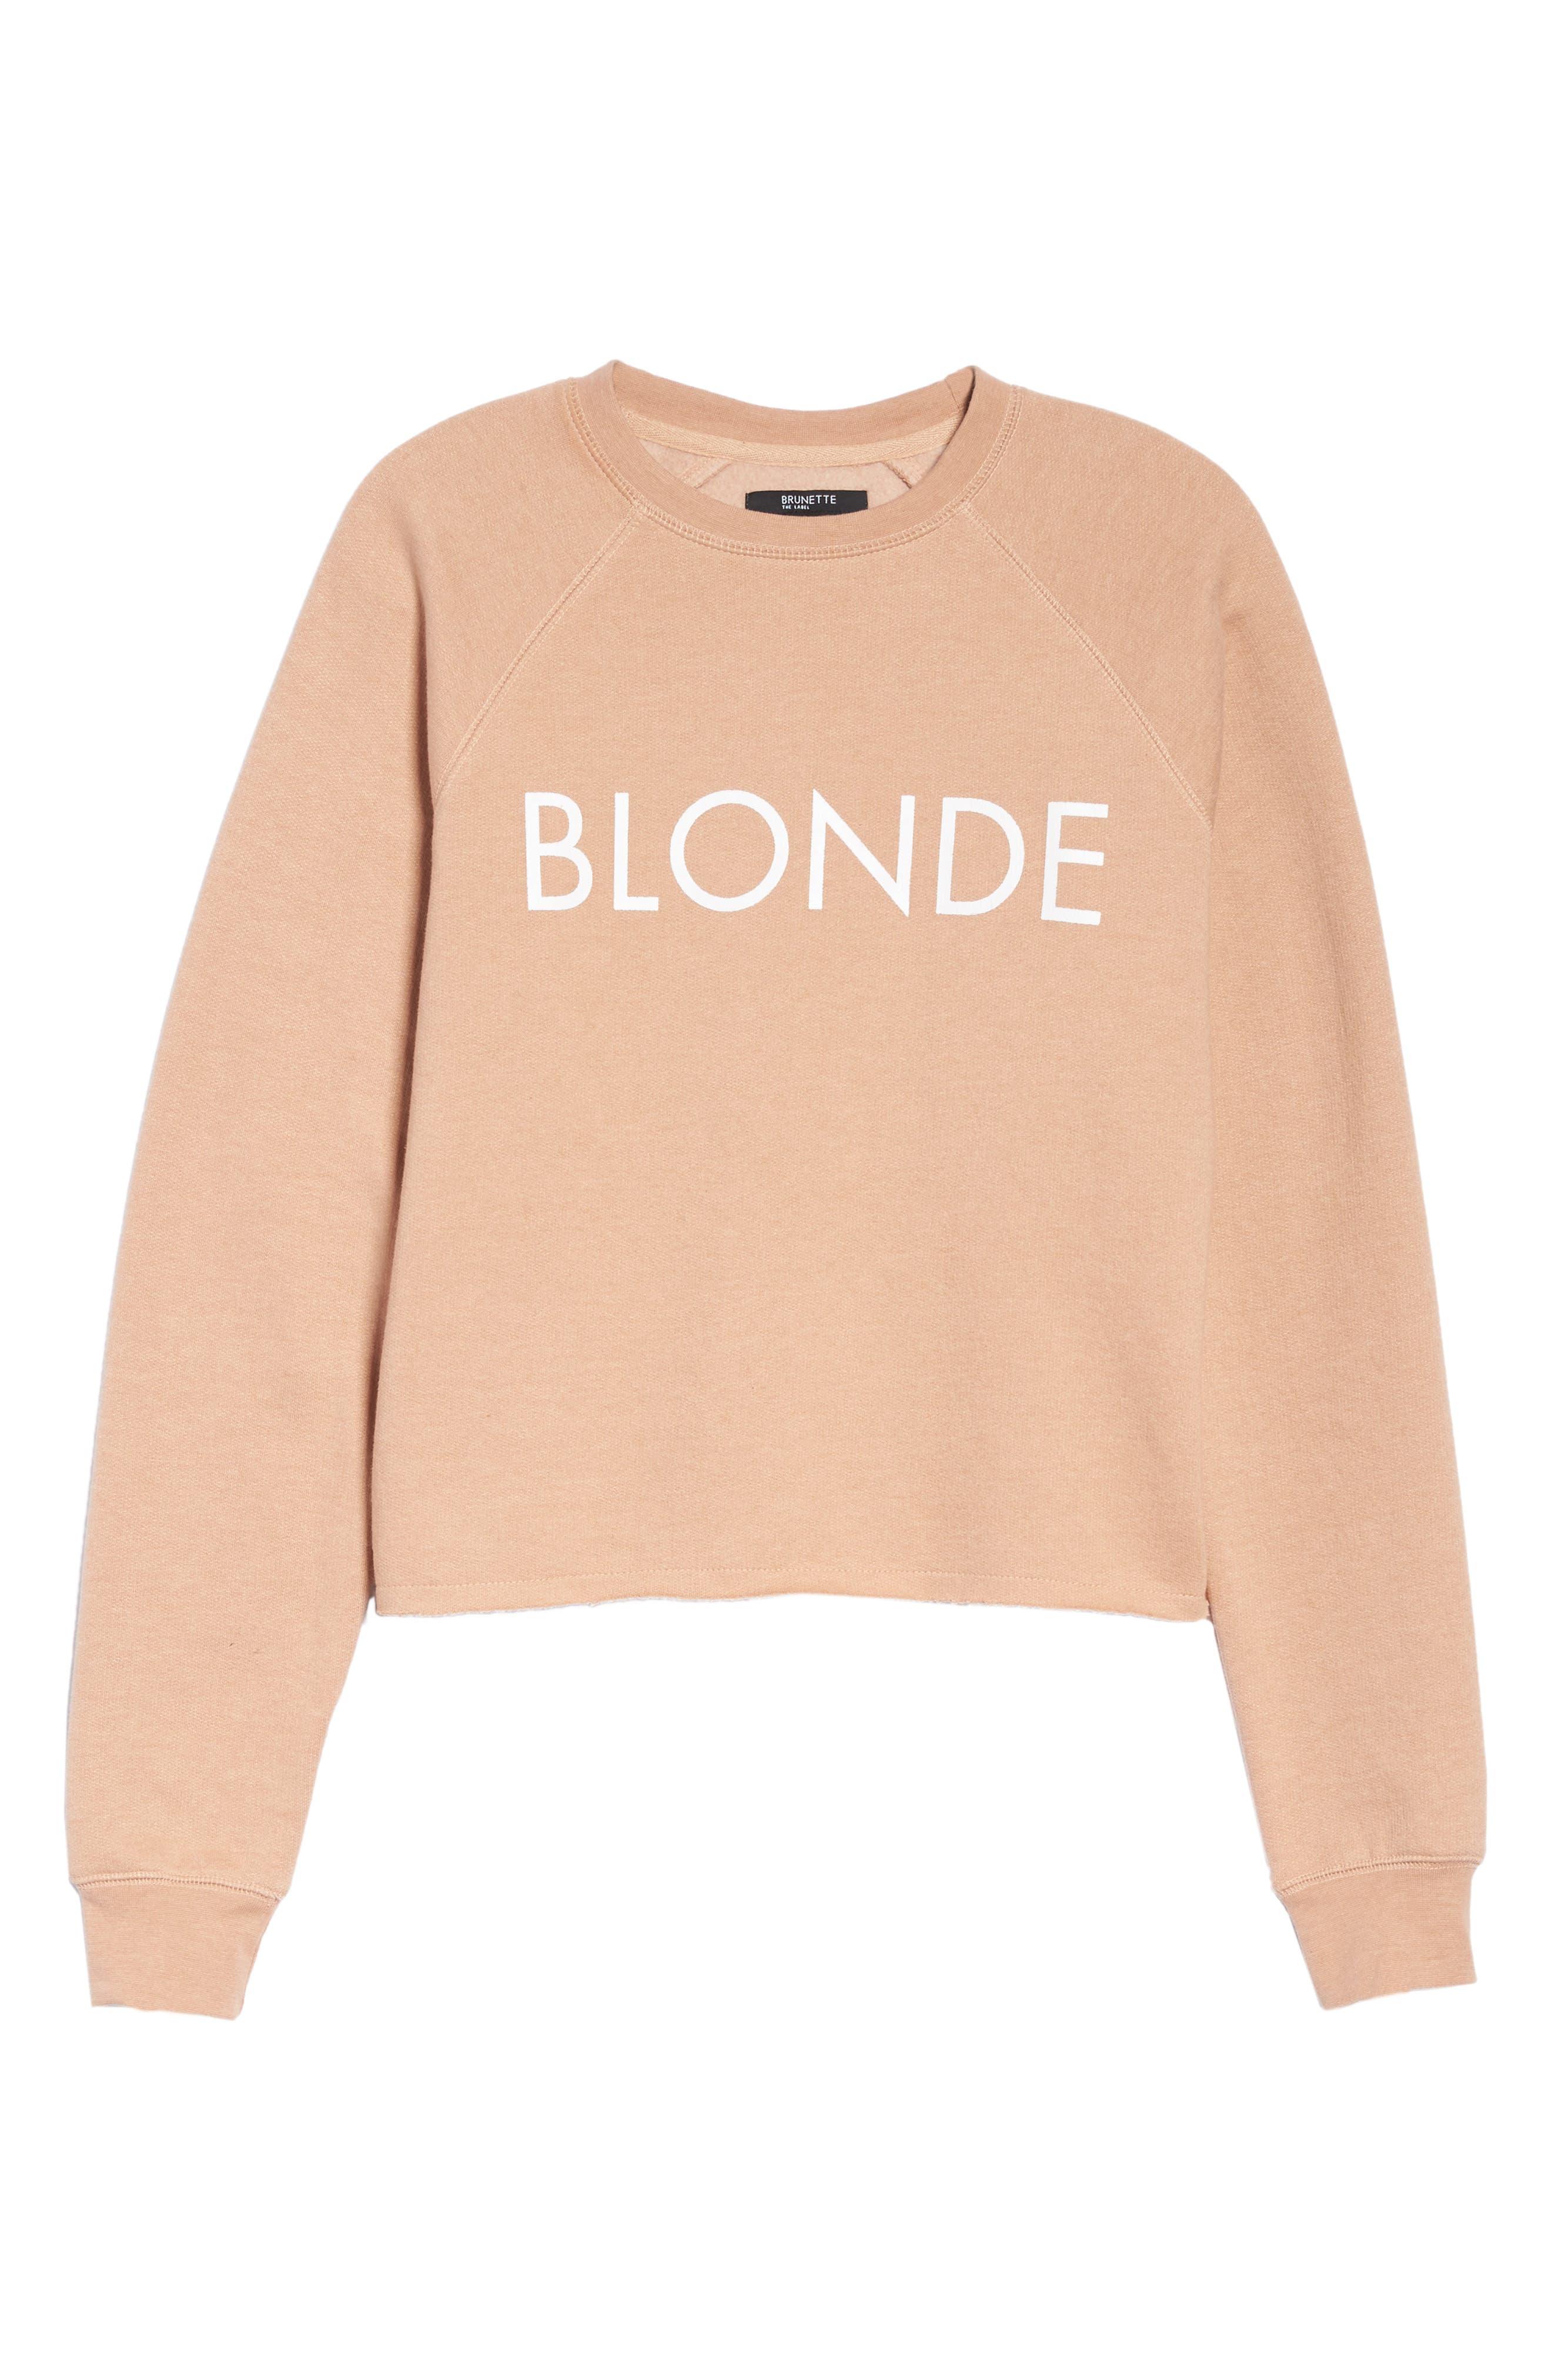 Alternate Image 4  - BRUNETTE the Label Middle Sister Blonde Sweatshirt